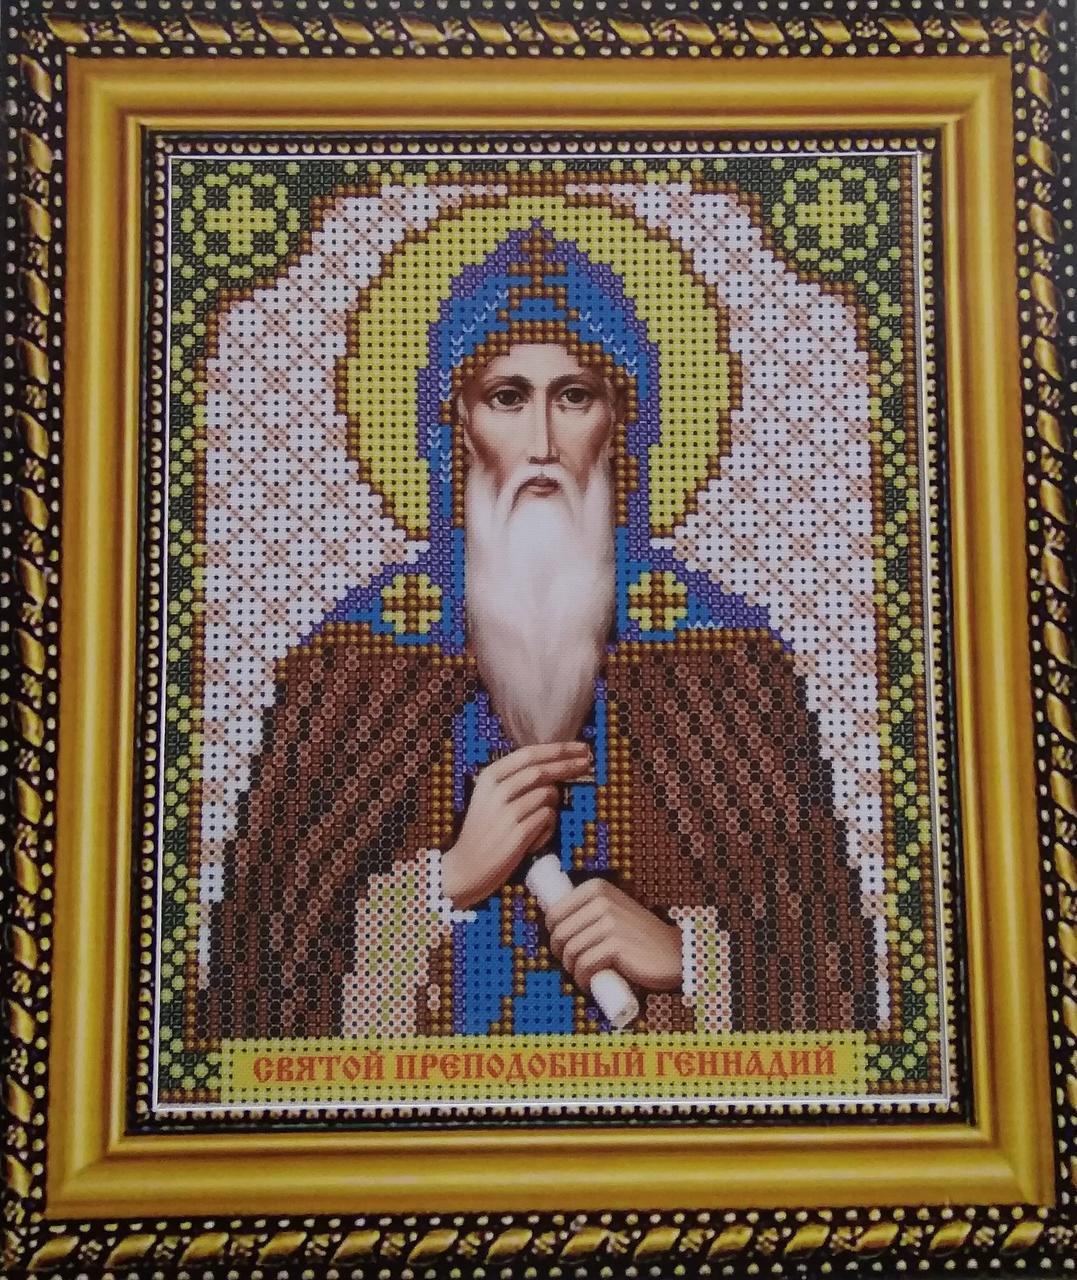 Набор для вышивки бисером ArtWork икона Святой Преподобный Геннадий VIA 5050